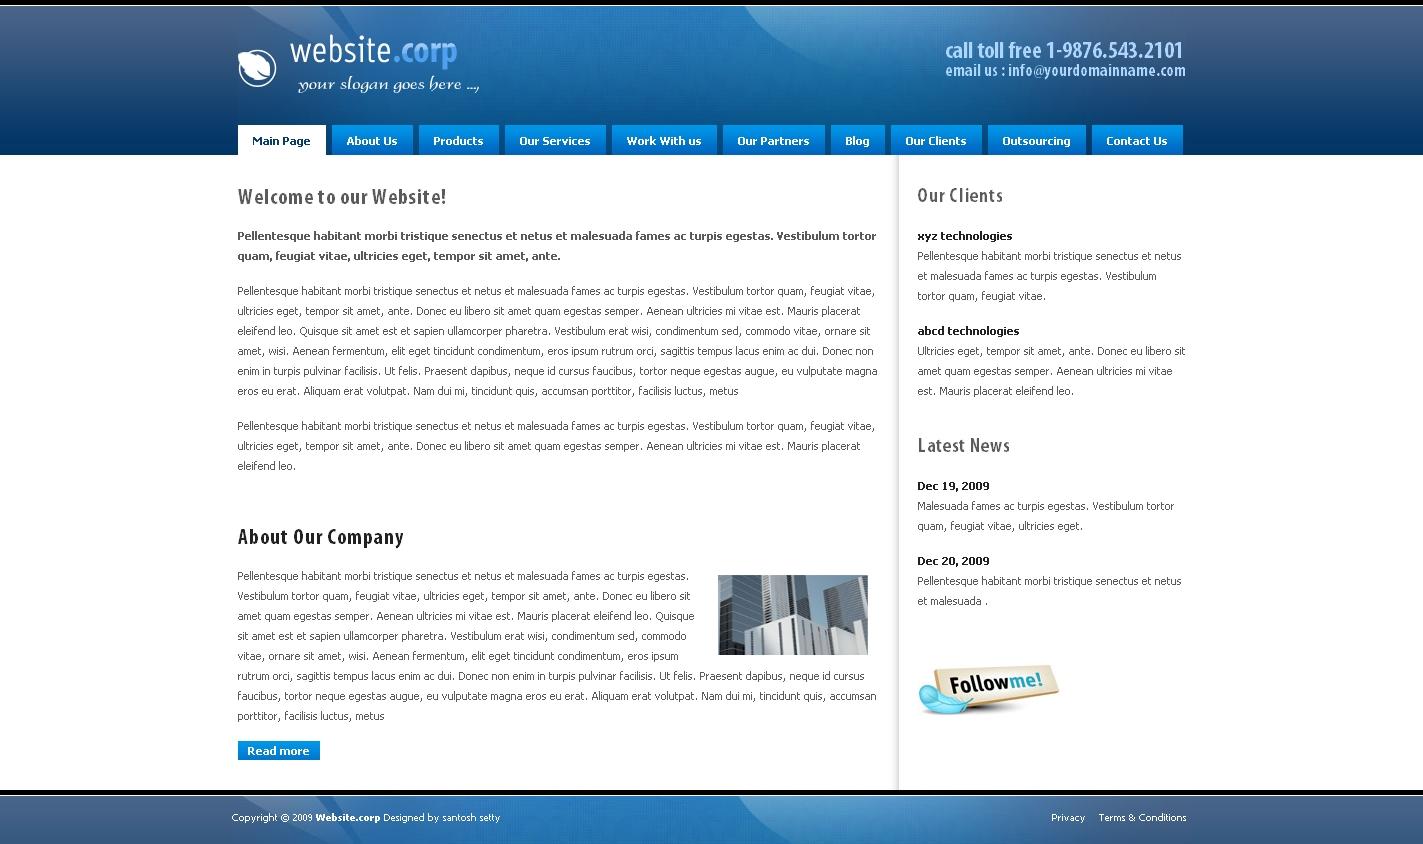 Website Corp Drupal 6 Theme